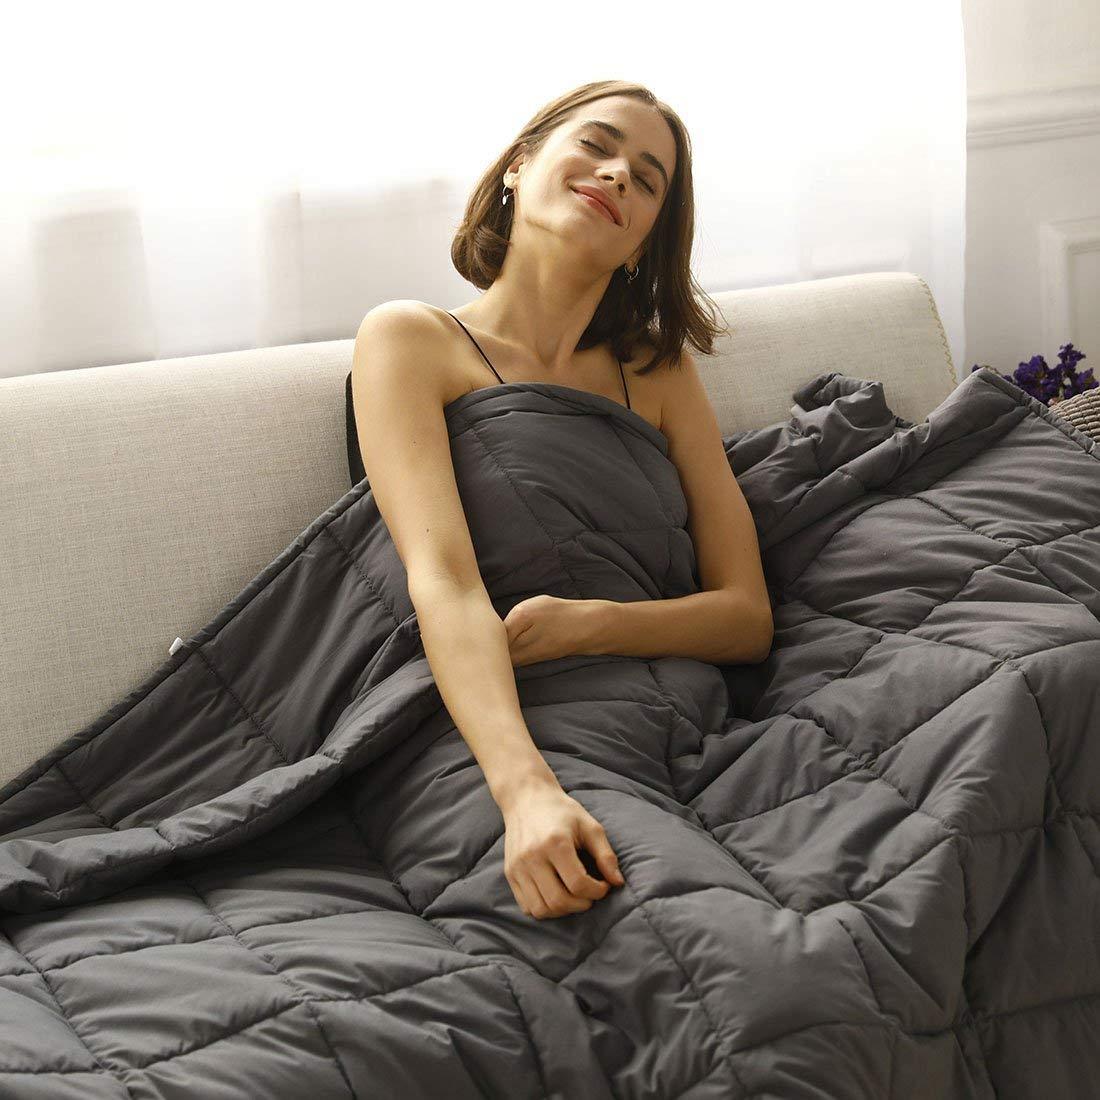 Raffreddare Ponderata Gravità Pesante Coperta per Adulti Donne Uomini Naturale Sonno Profondo, ridurre Lo Stress, Ansia, autismo (Grigio Scuro) 60*80 inch